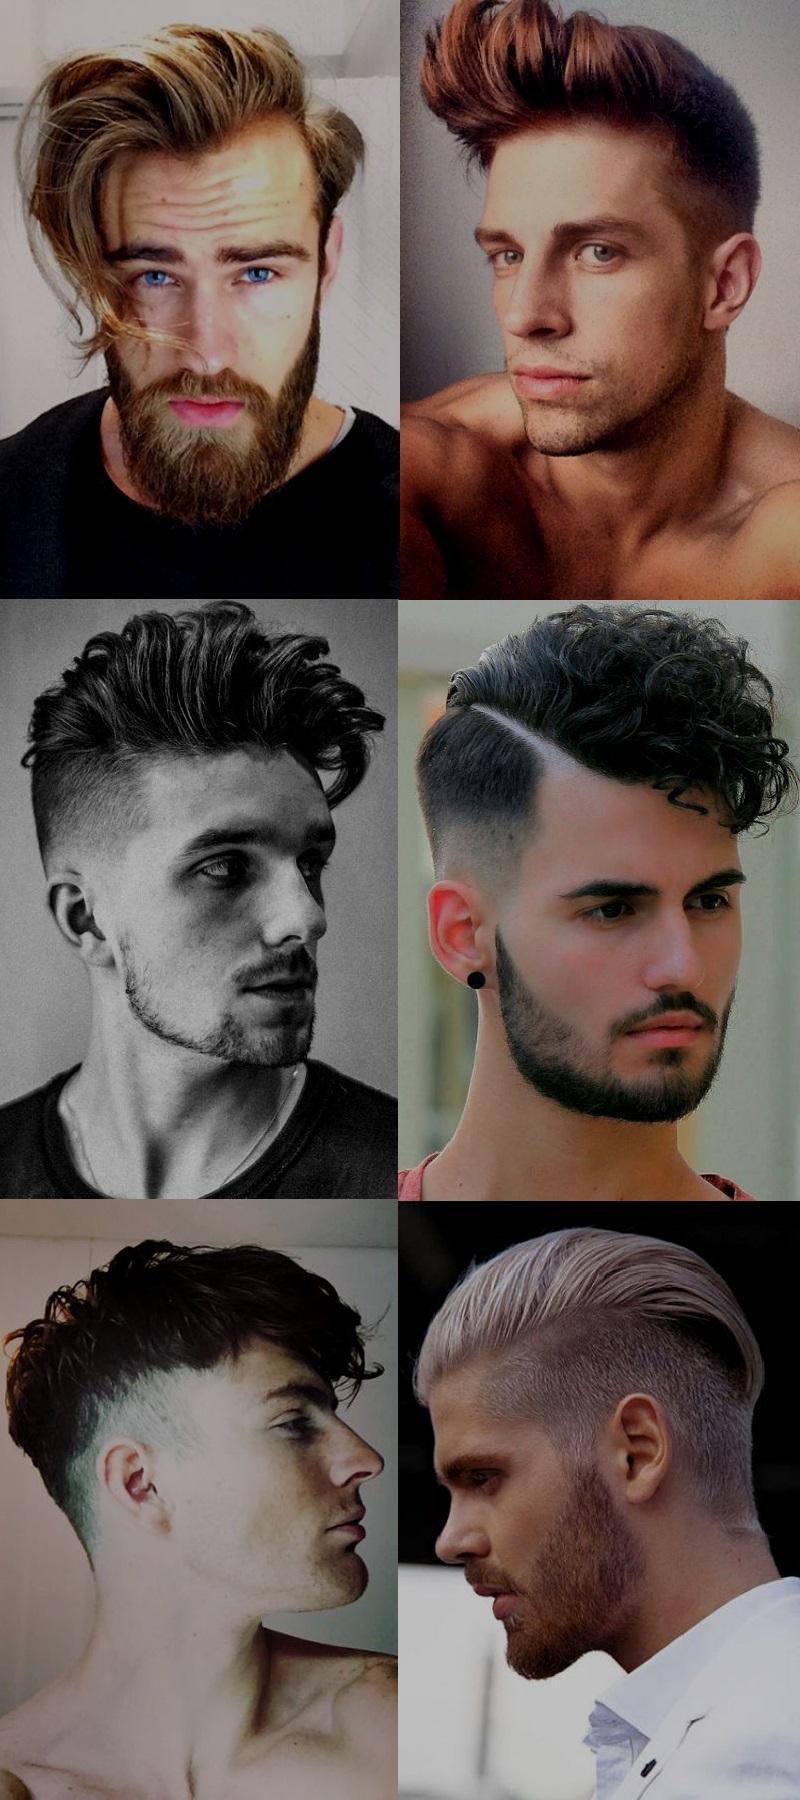 Homem No Espelho - Cortes de cabelo masculinos 2016 - Ousados